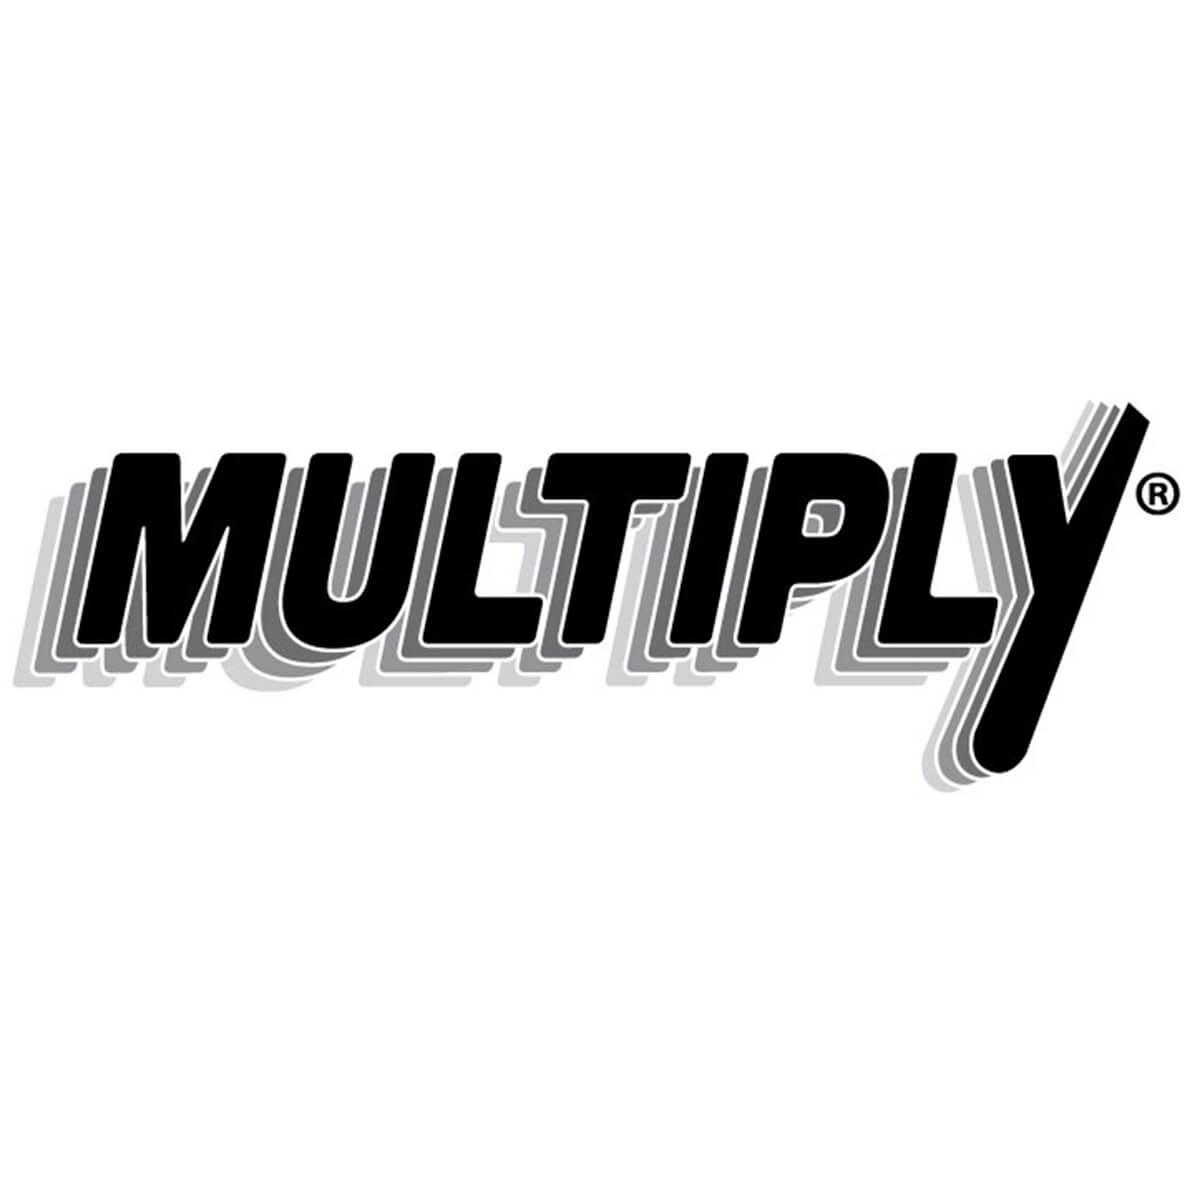 MULTIPLY ADVANTAGE - 500 L TOTE